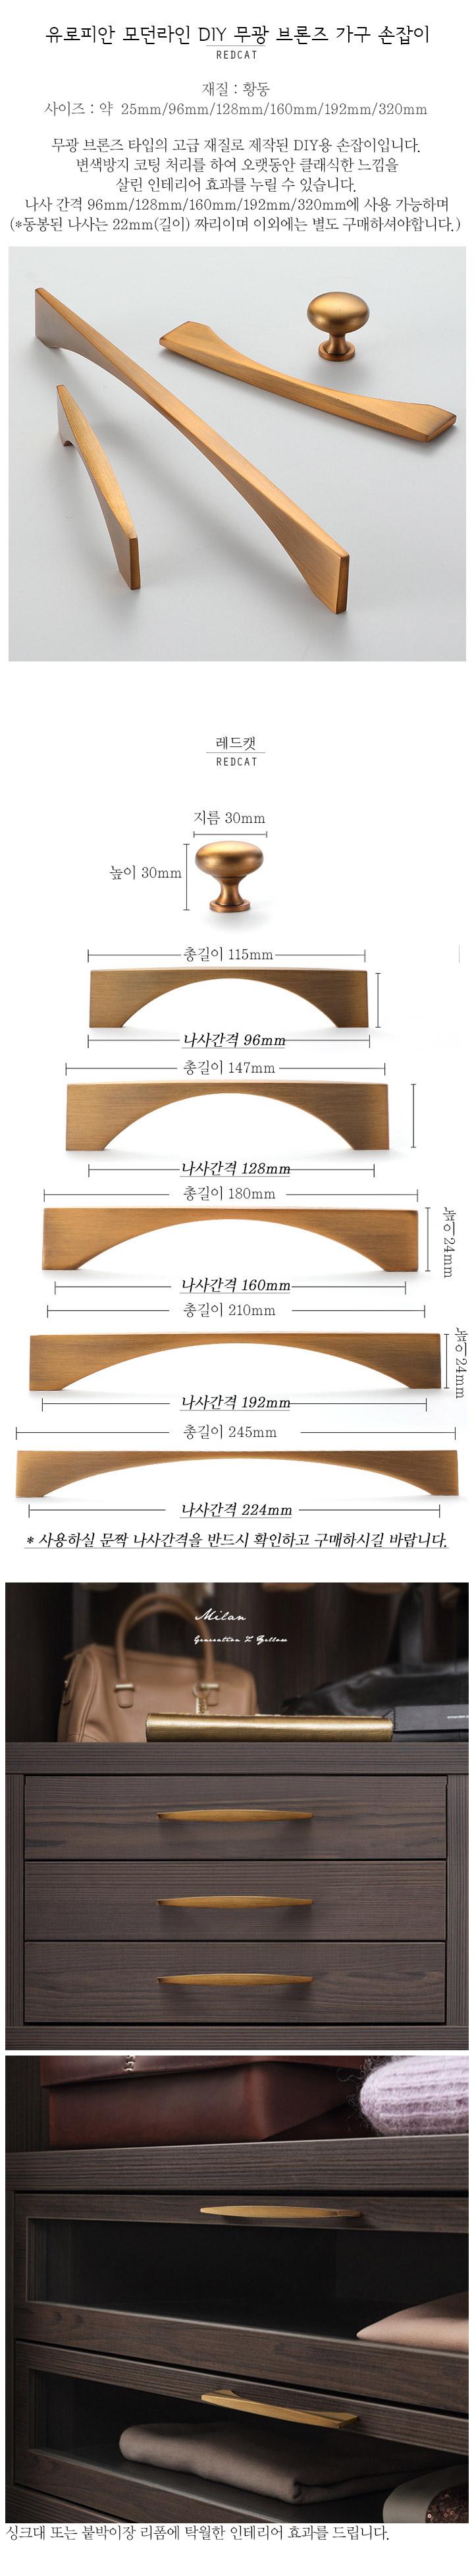 유로피안 모던라인 DIY 무광 브론즈 가구 손잡이 - 네코리빙, 2,480원, DIY 재료, 부자재